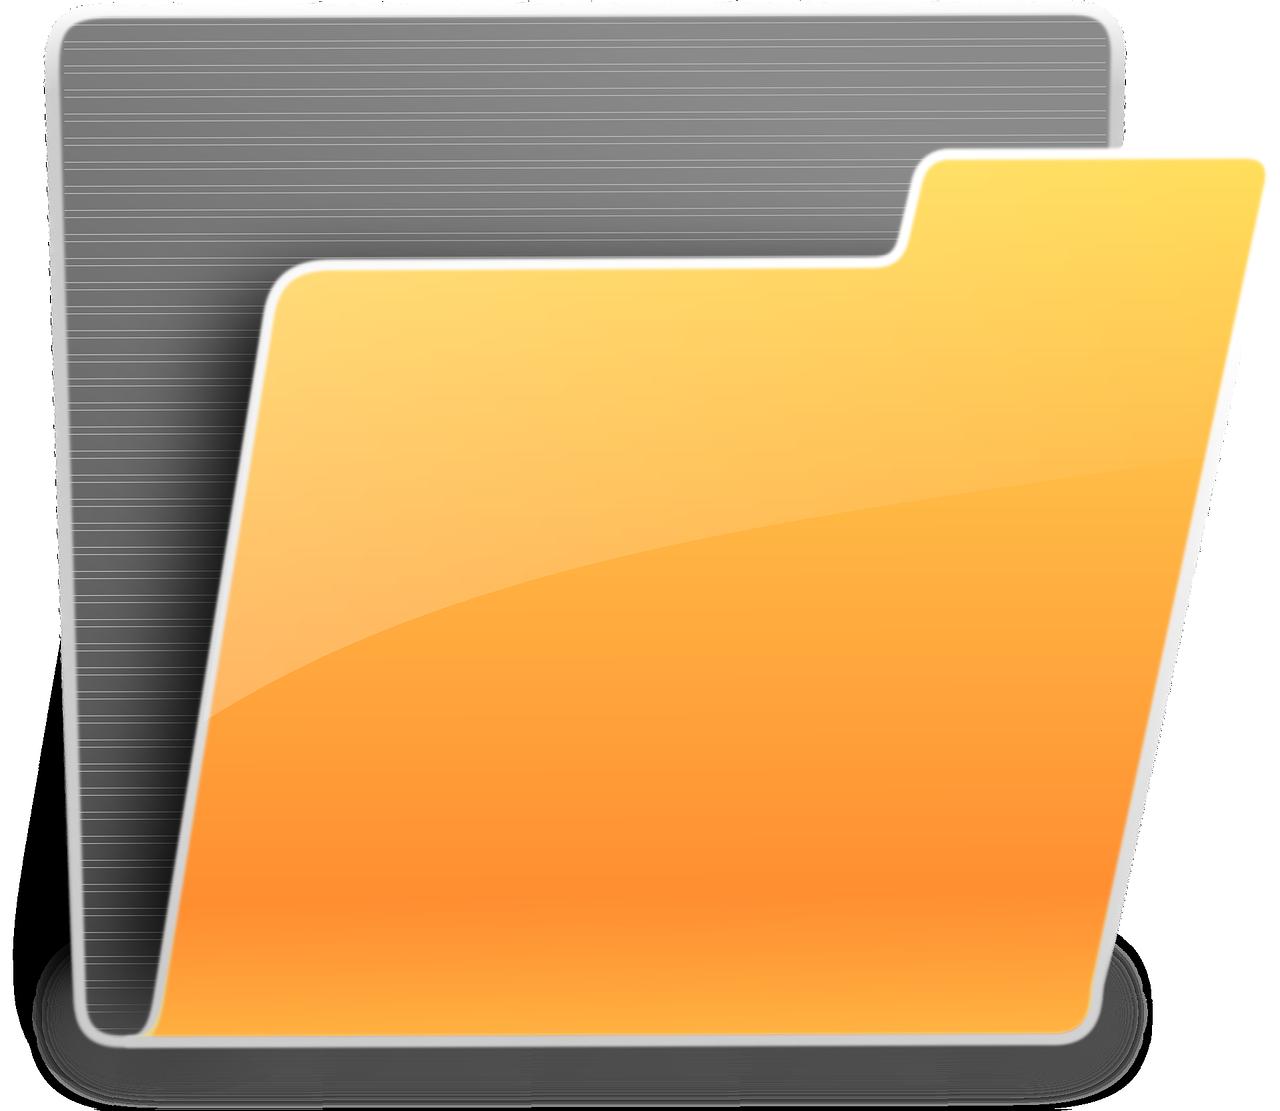 Sprzedawca z obsługa kas fiskalnych i terminali płatniczych – informacja o wynikach postępowania